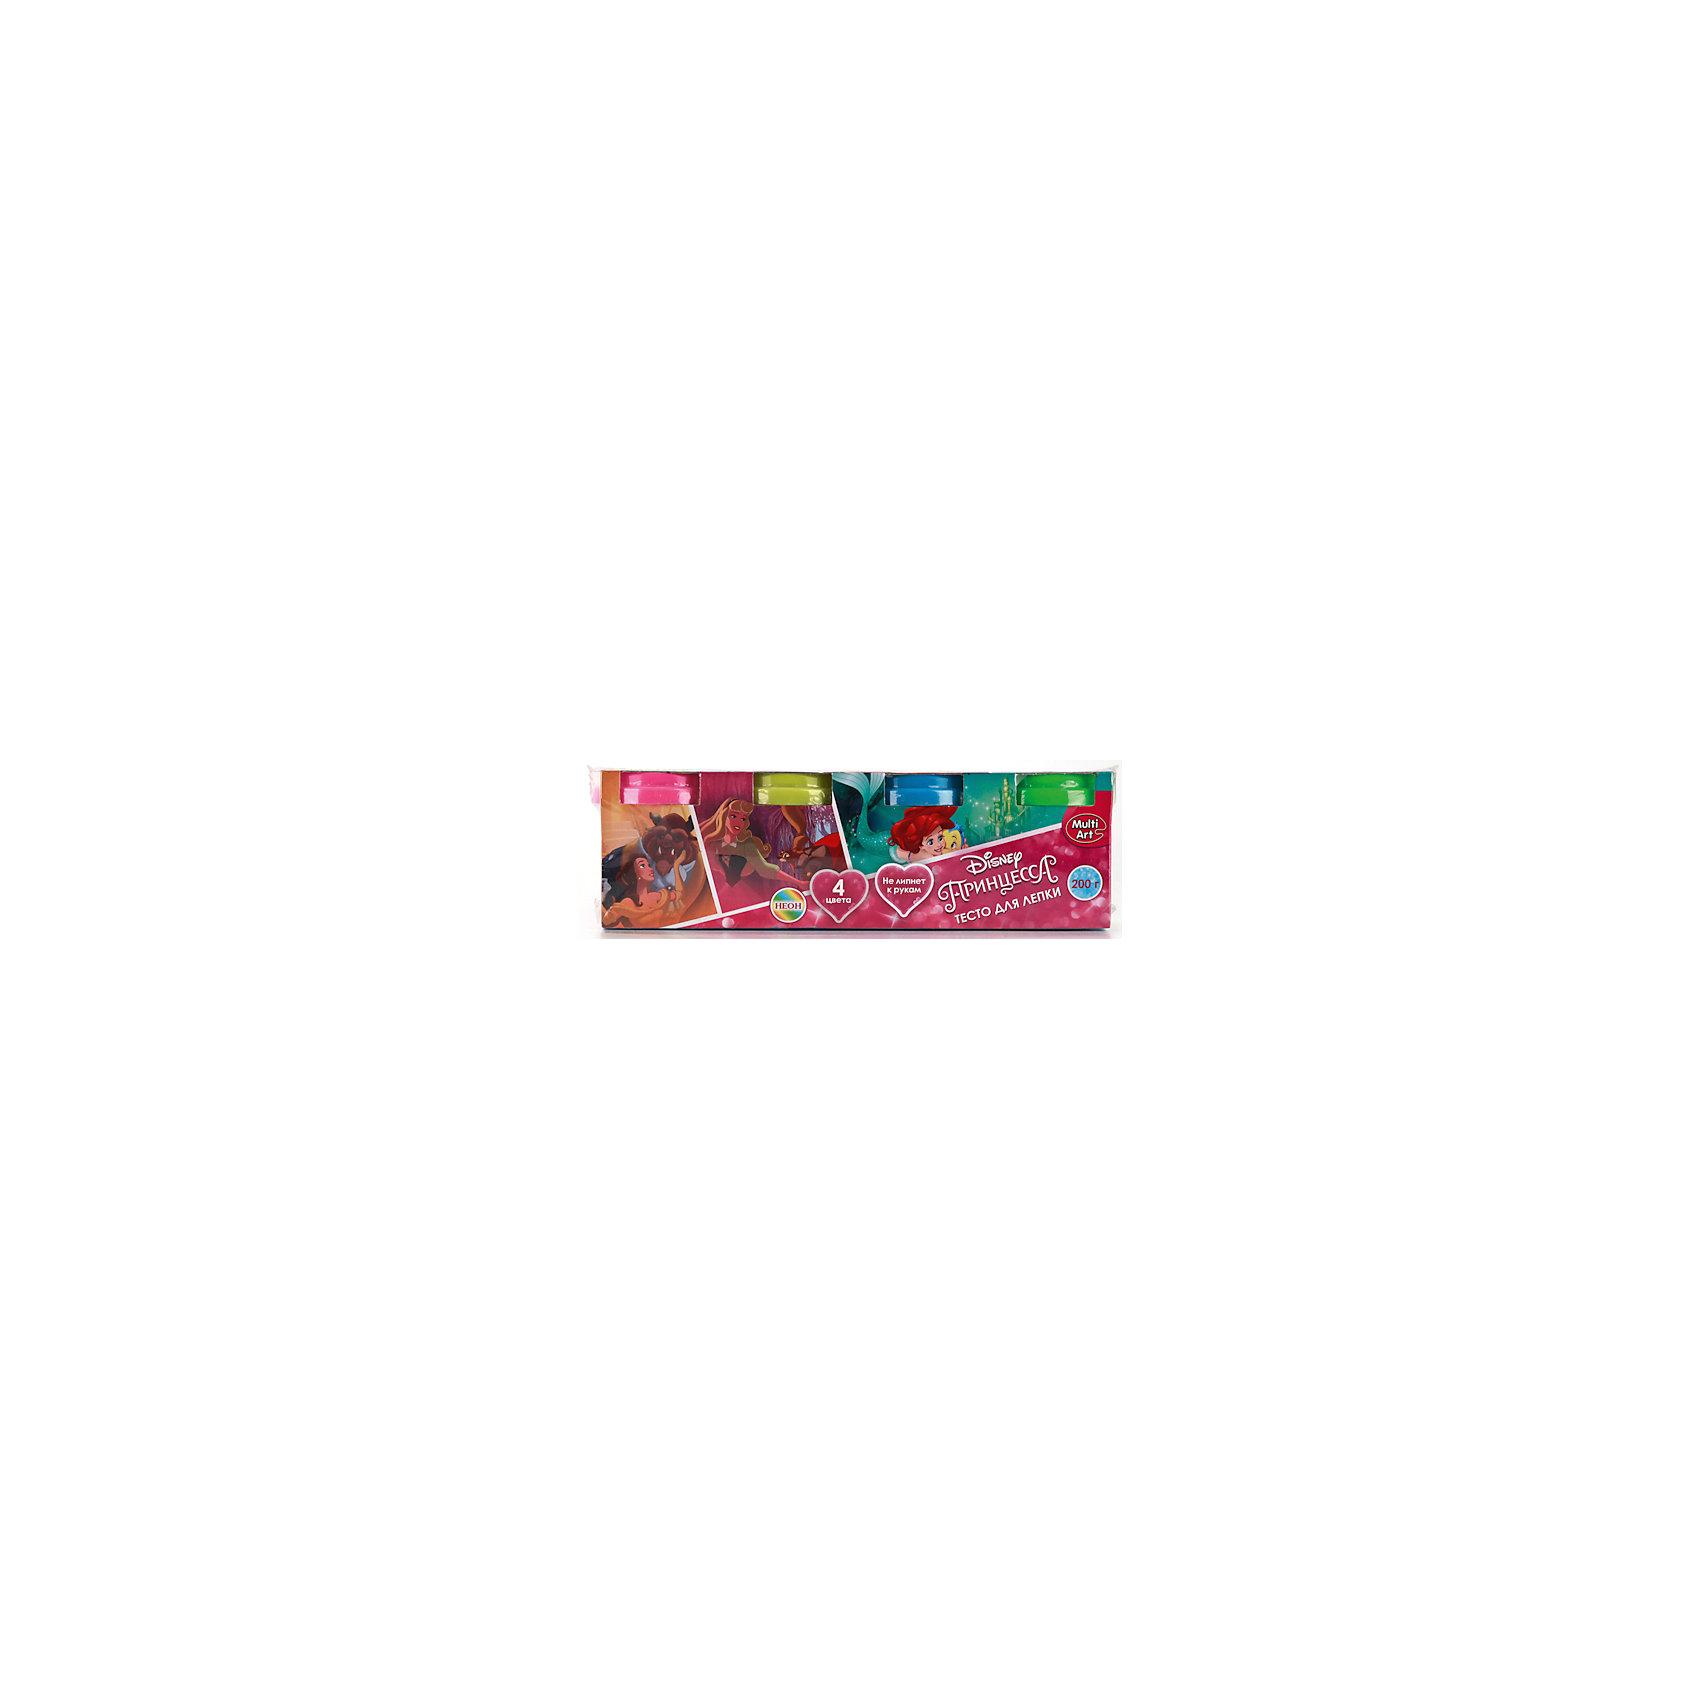 Тесто для лепки Принцессы Дисней, неоновое, 4 цветаТесто для лепки Принцессы Дисней создано специально для любителей известных мультсериалов от Disney(Дисней). Яркая упаковка с изображением любимых героев не оставит ребенка равнодушным.  Тесто не прилипает к рукам, а яркая неоновая расцветка позволит создать самые красочные фигурки, которые можно раскрасить после застывания. С таким набором воображение ребенка заиграет новыми красками!<br>Дополнительная информация:<br>-в наборе: 4 баночки с тестом разных цветов<br>Сказочный персонаж: Принцессы Дисней<br>-вес: 310 грамм<br>-размер упаковки: 21x7x5 см<br>Тесто для лепки Принцессы Дисней можно приобрести в нашем интернет-магазине.<br><br>Ширина мм: 50<br>Глубина мм: 70<br>Высота мм: 210<br>Вес г: 310<br>Возраст от месяцев: 36<br>Возраст до месяцев: 84<br>Пол: Женский<br>Возраст: Детский<br>SKU: 4915409